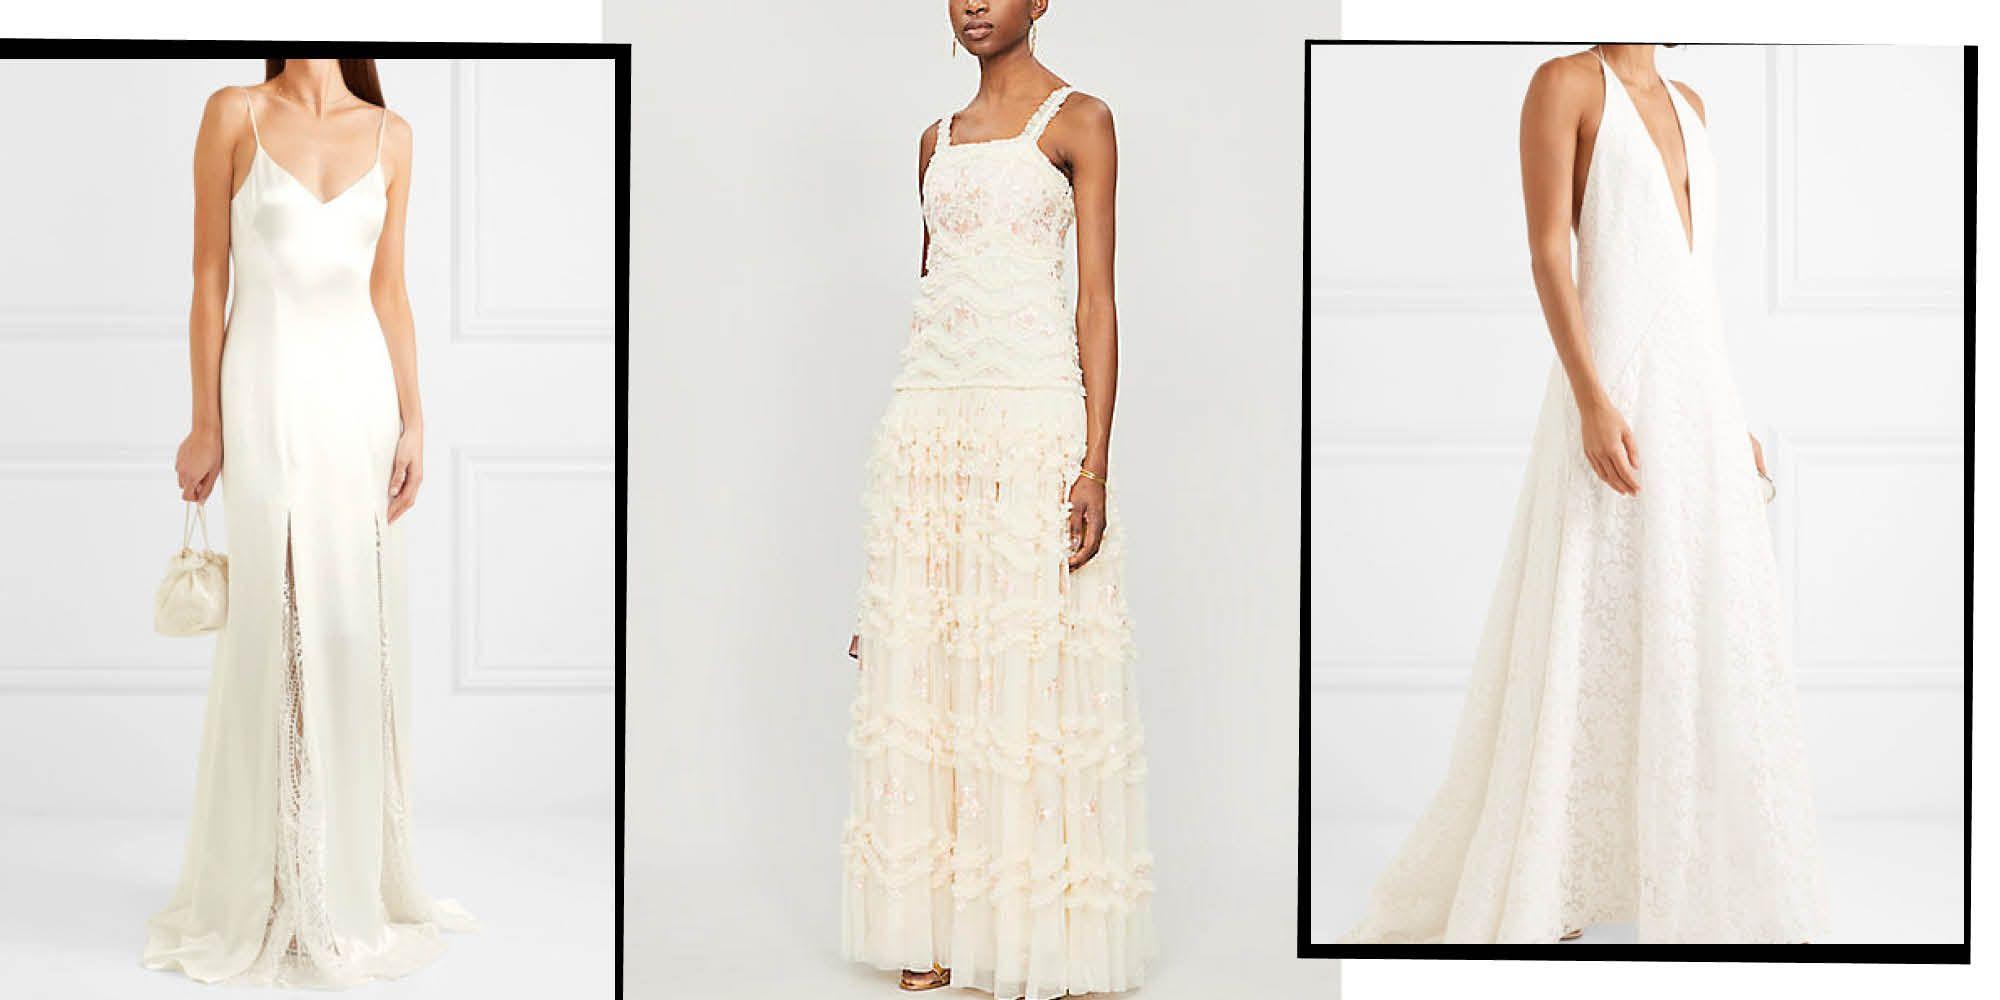 20 Boho Wedding Dresses For The Bohemian Bride